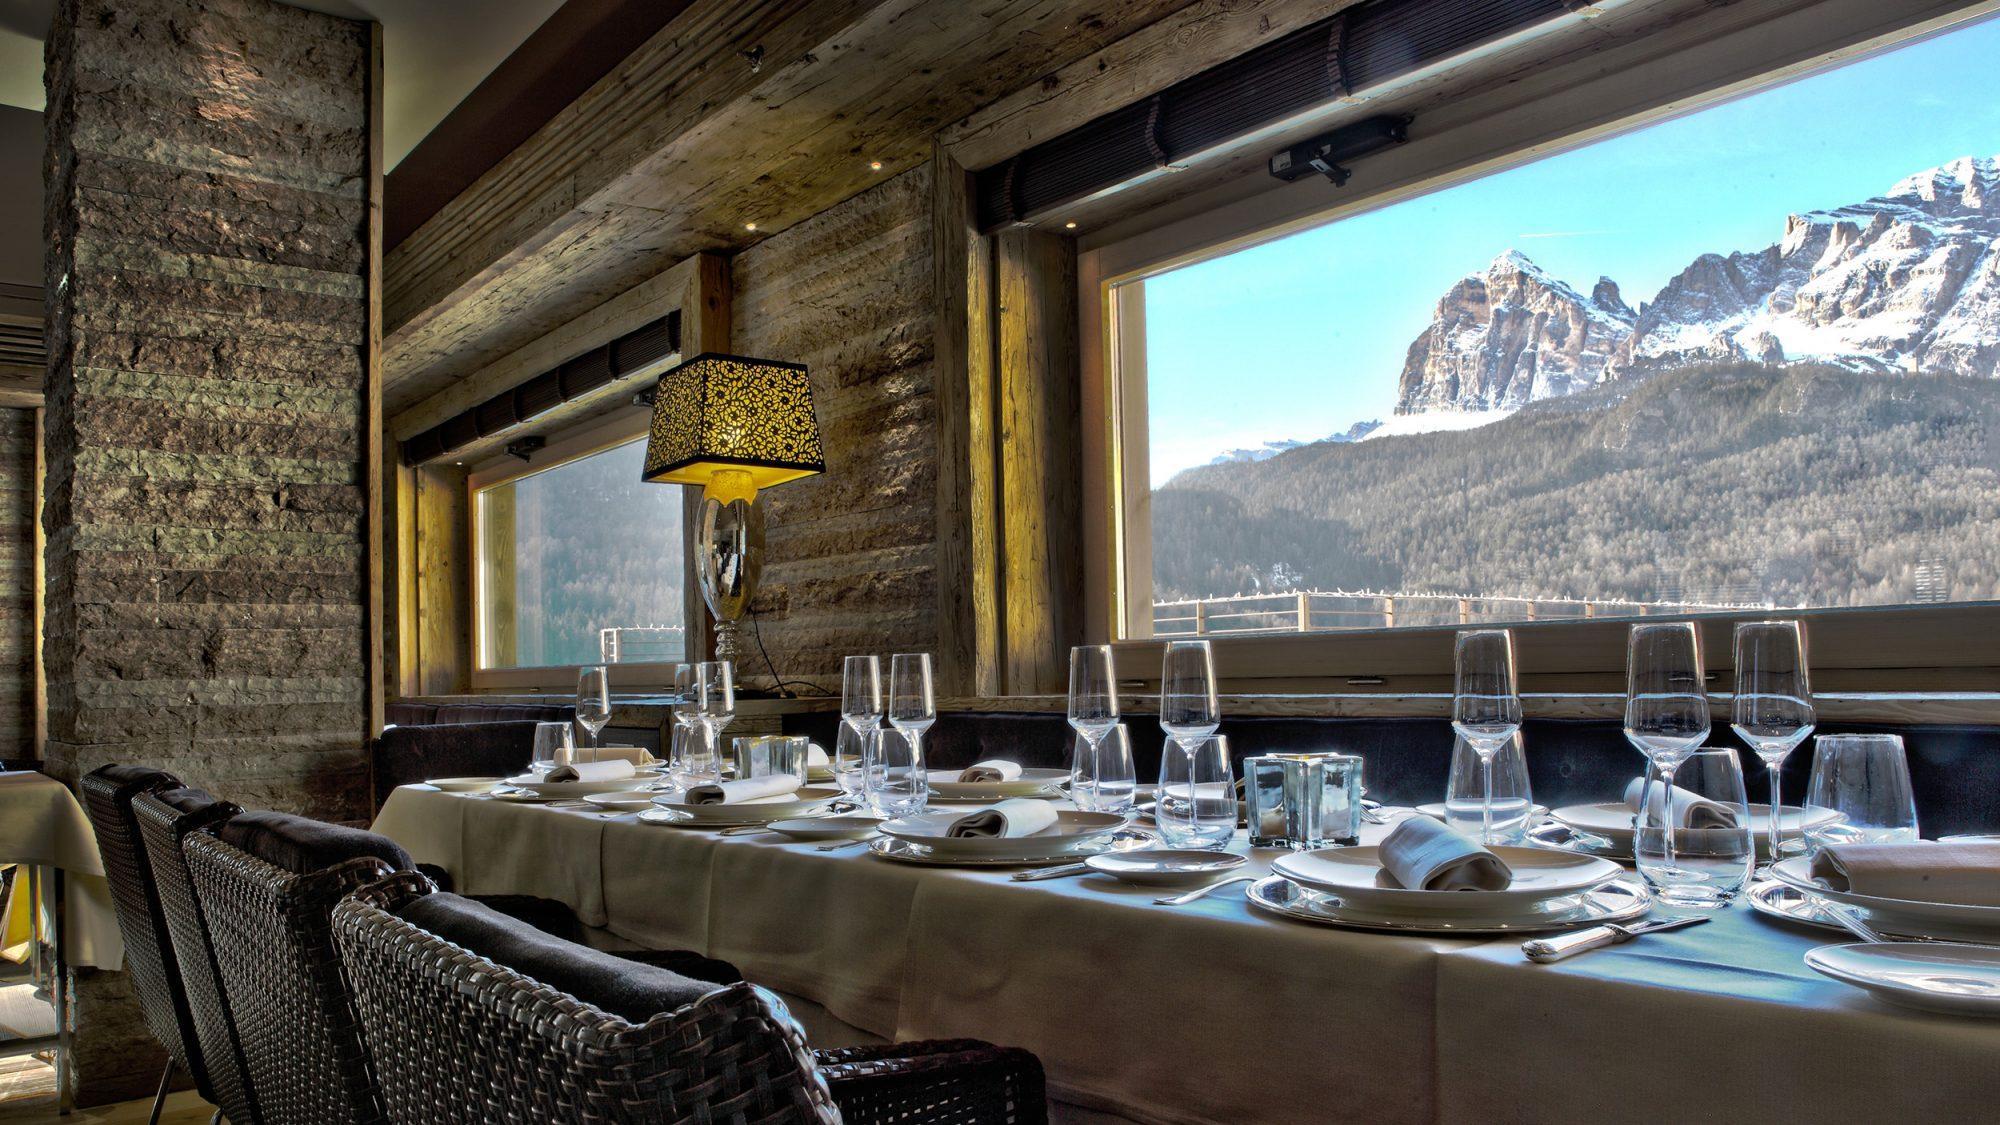 Corte Delle Dolomiti Spa cena a 10 mani chic al rosapetra spa resort di cortina